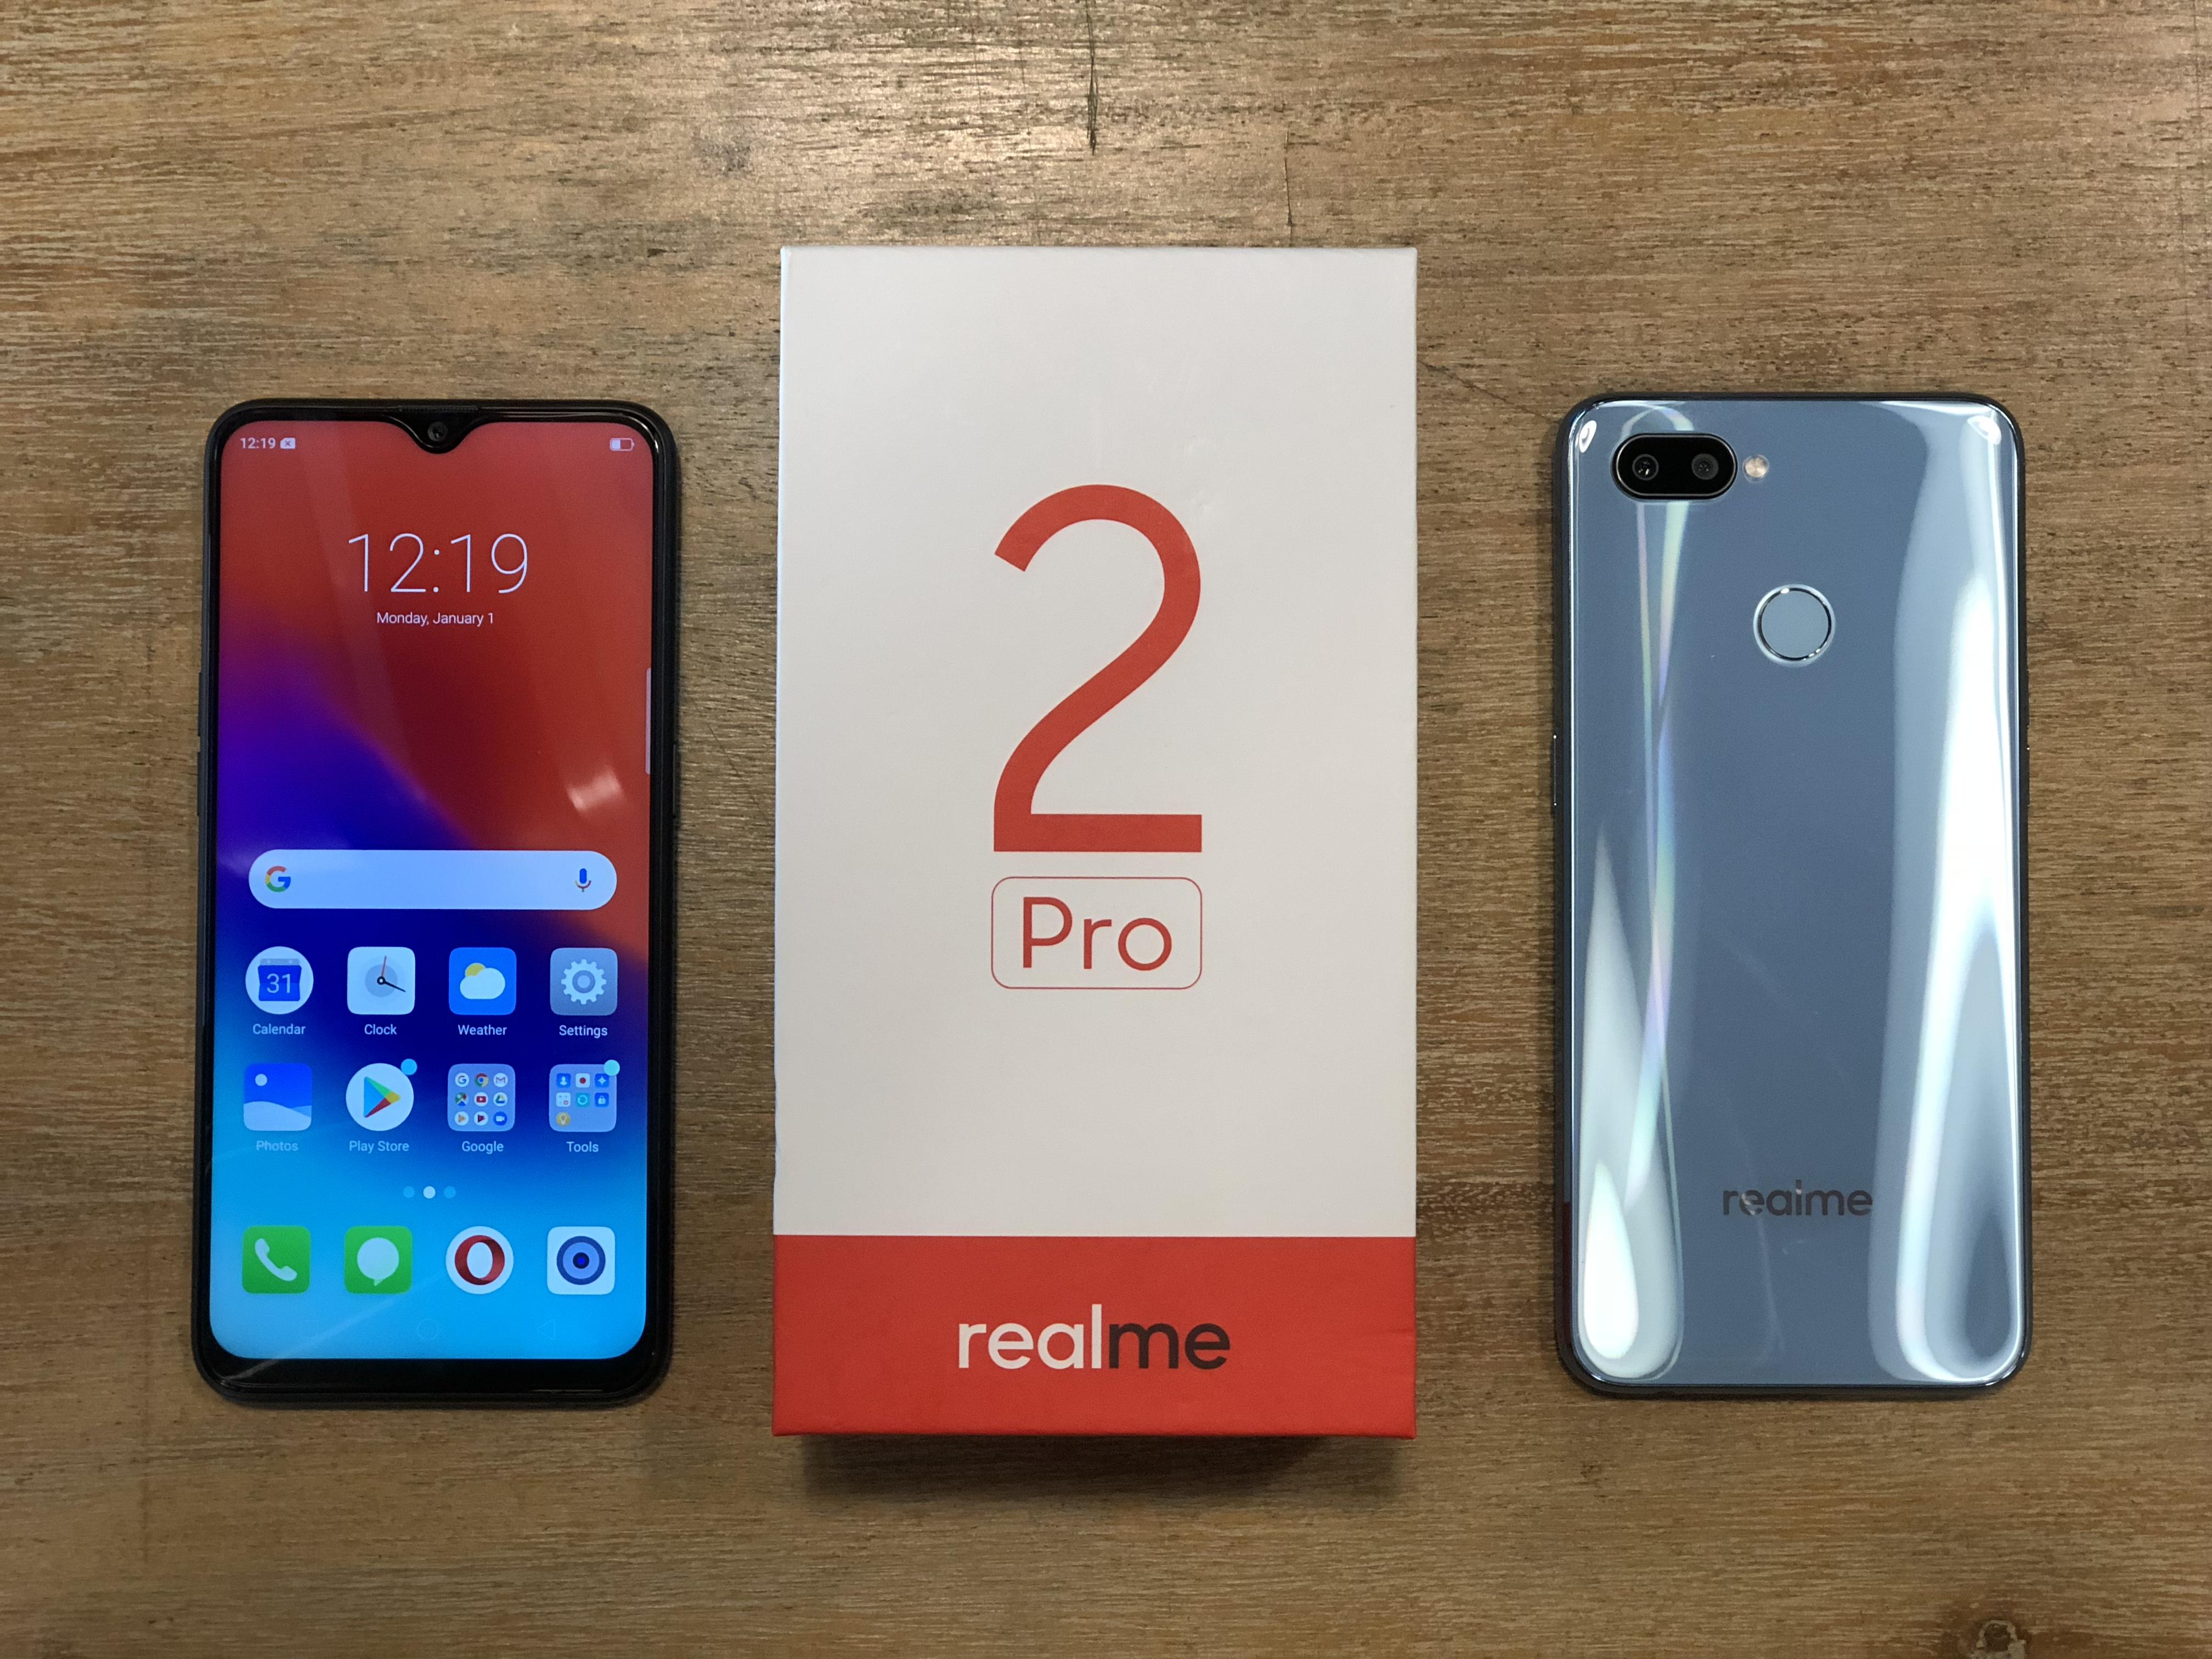 รีวิว RealMe 2 Pro ราคาเล็กๆ สเปกไม่เล็กตาม 1